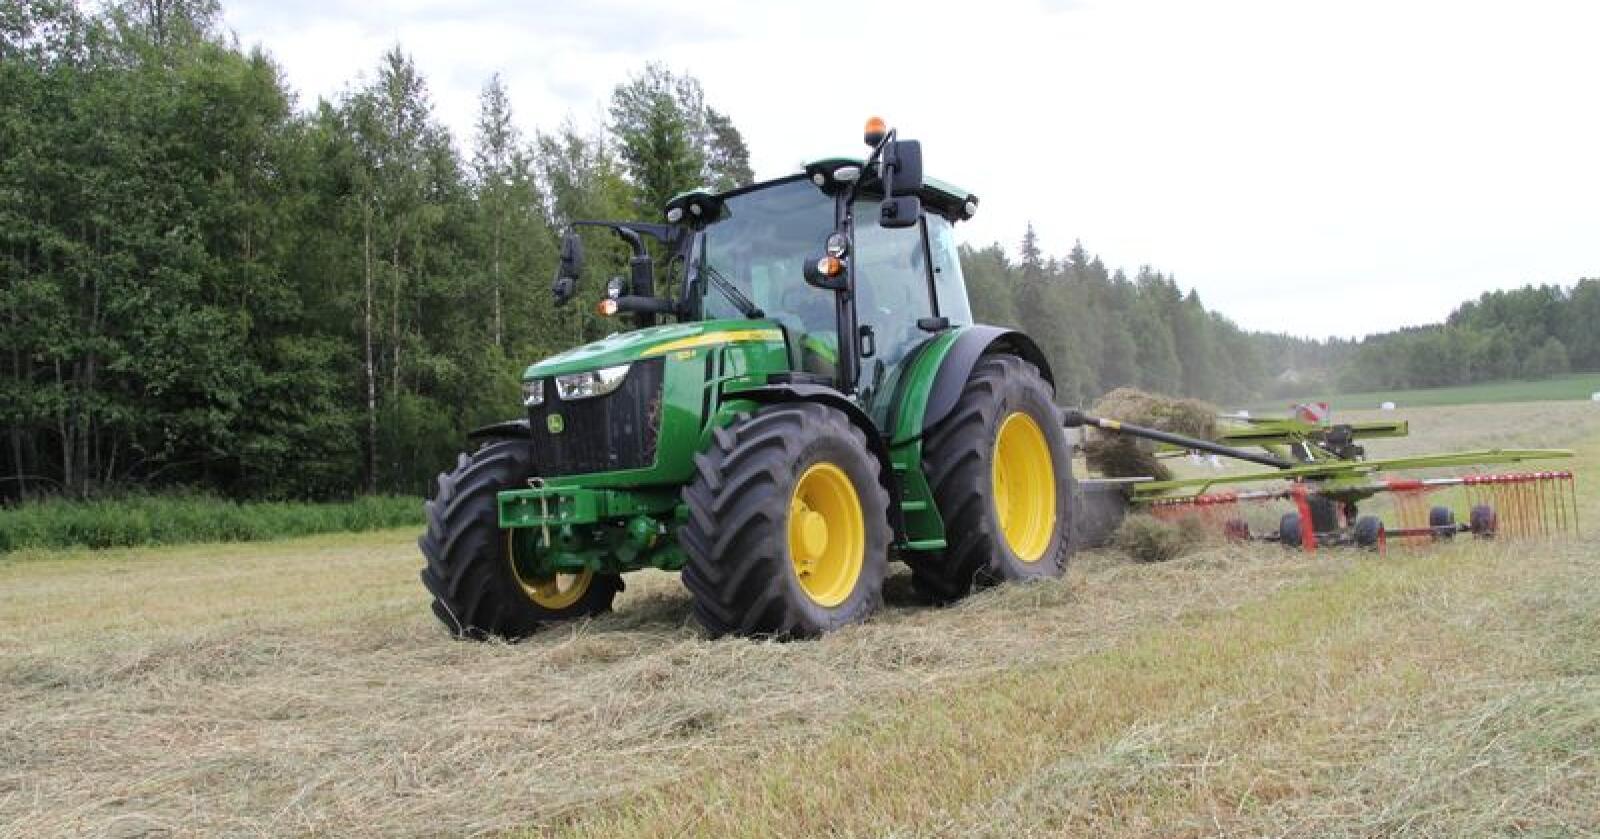 Leder an: John Deere har registrert 228 nye traktorer så langt i år. Foto: Even Kristian Mangerud